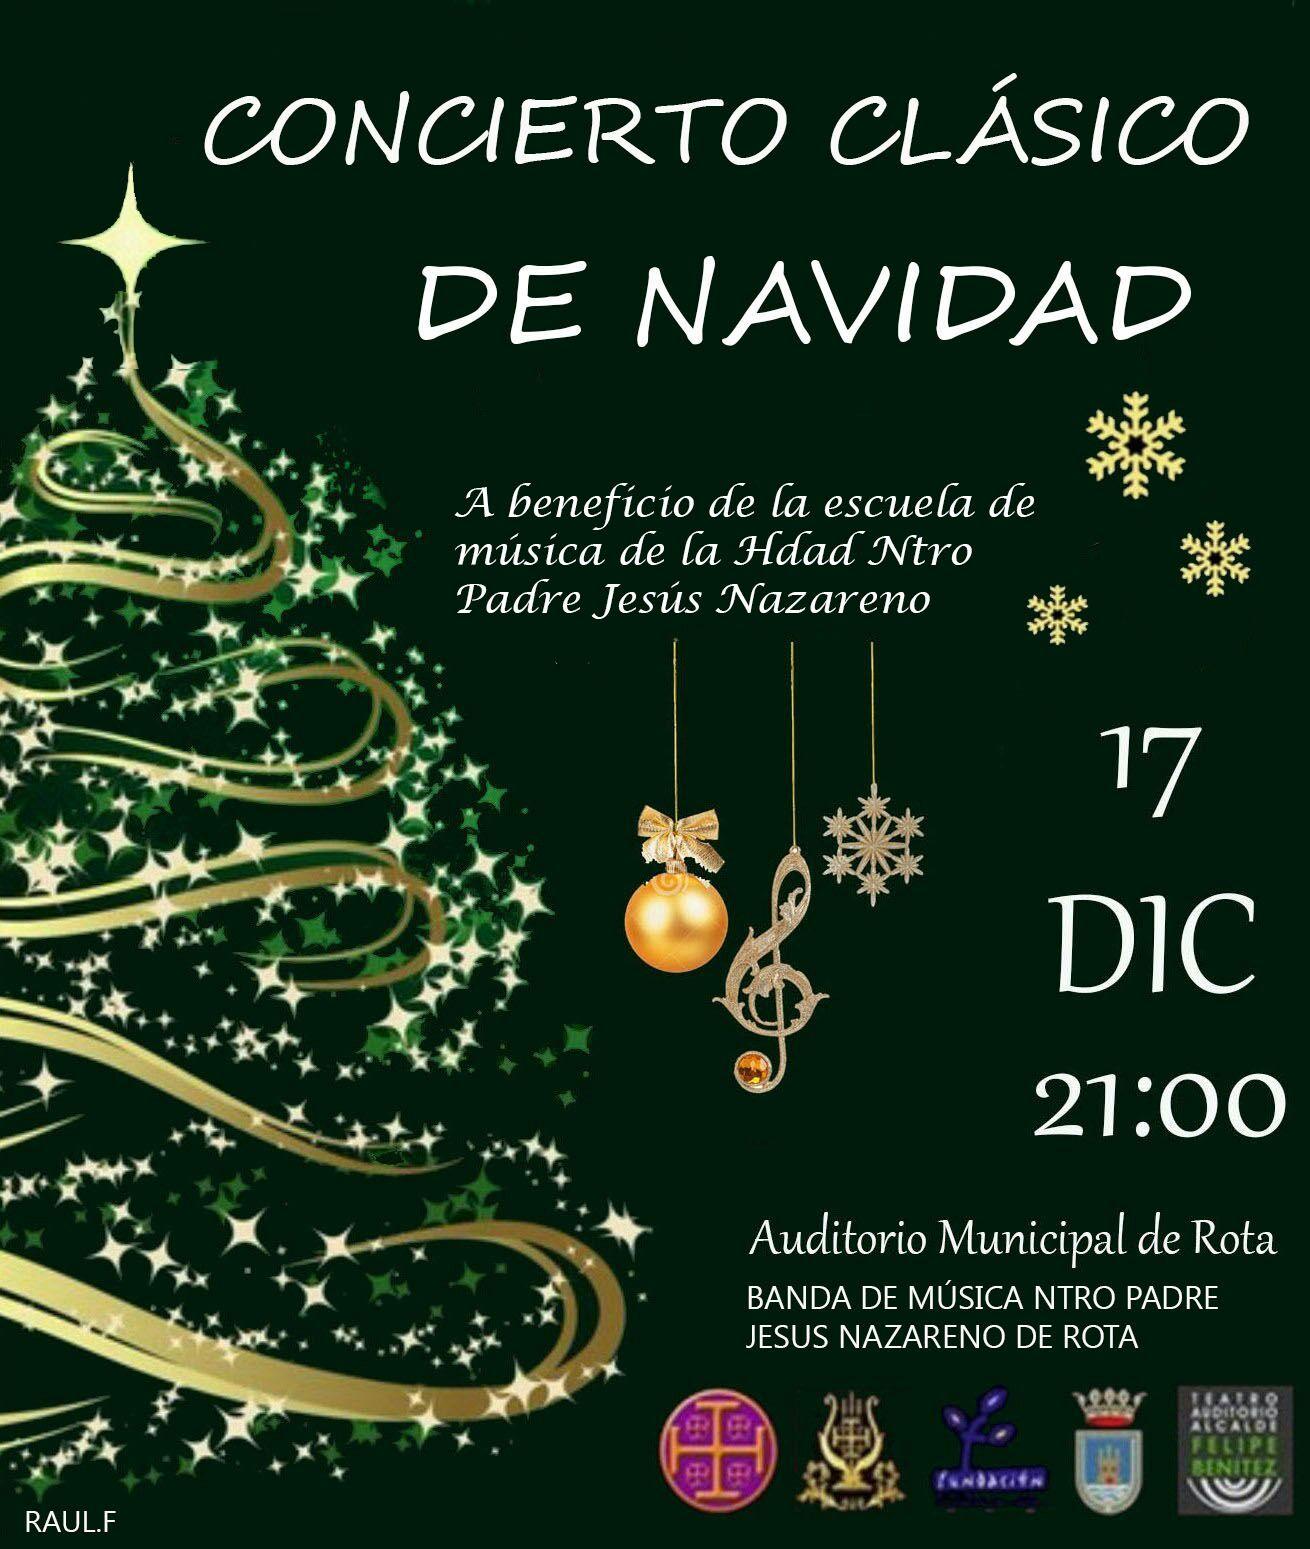 Concierto de Navidad a cargo de la Banda de Música Nuestro Padre Jesús Nazareno de Rota